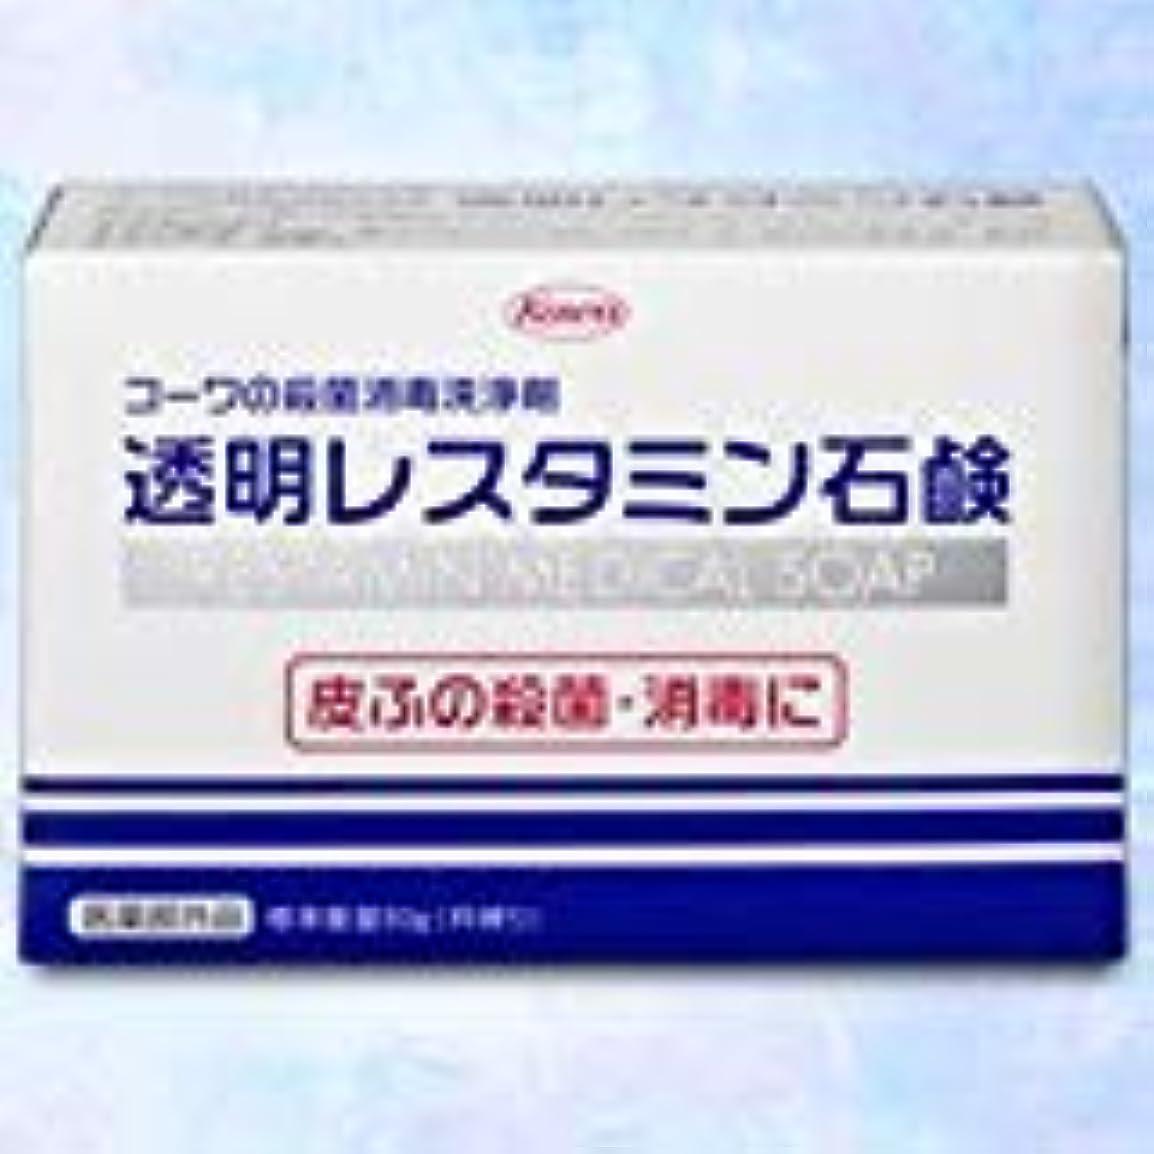 スイス人知覚するデクリメント【興和】コーワの殺菌消毒洗浄剤「透明レスタミン石鹸」80g(医薬部外品) ×3個セット